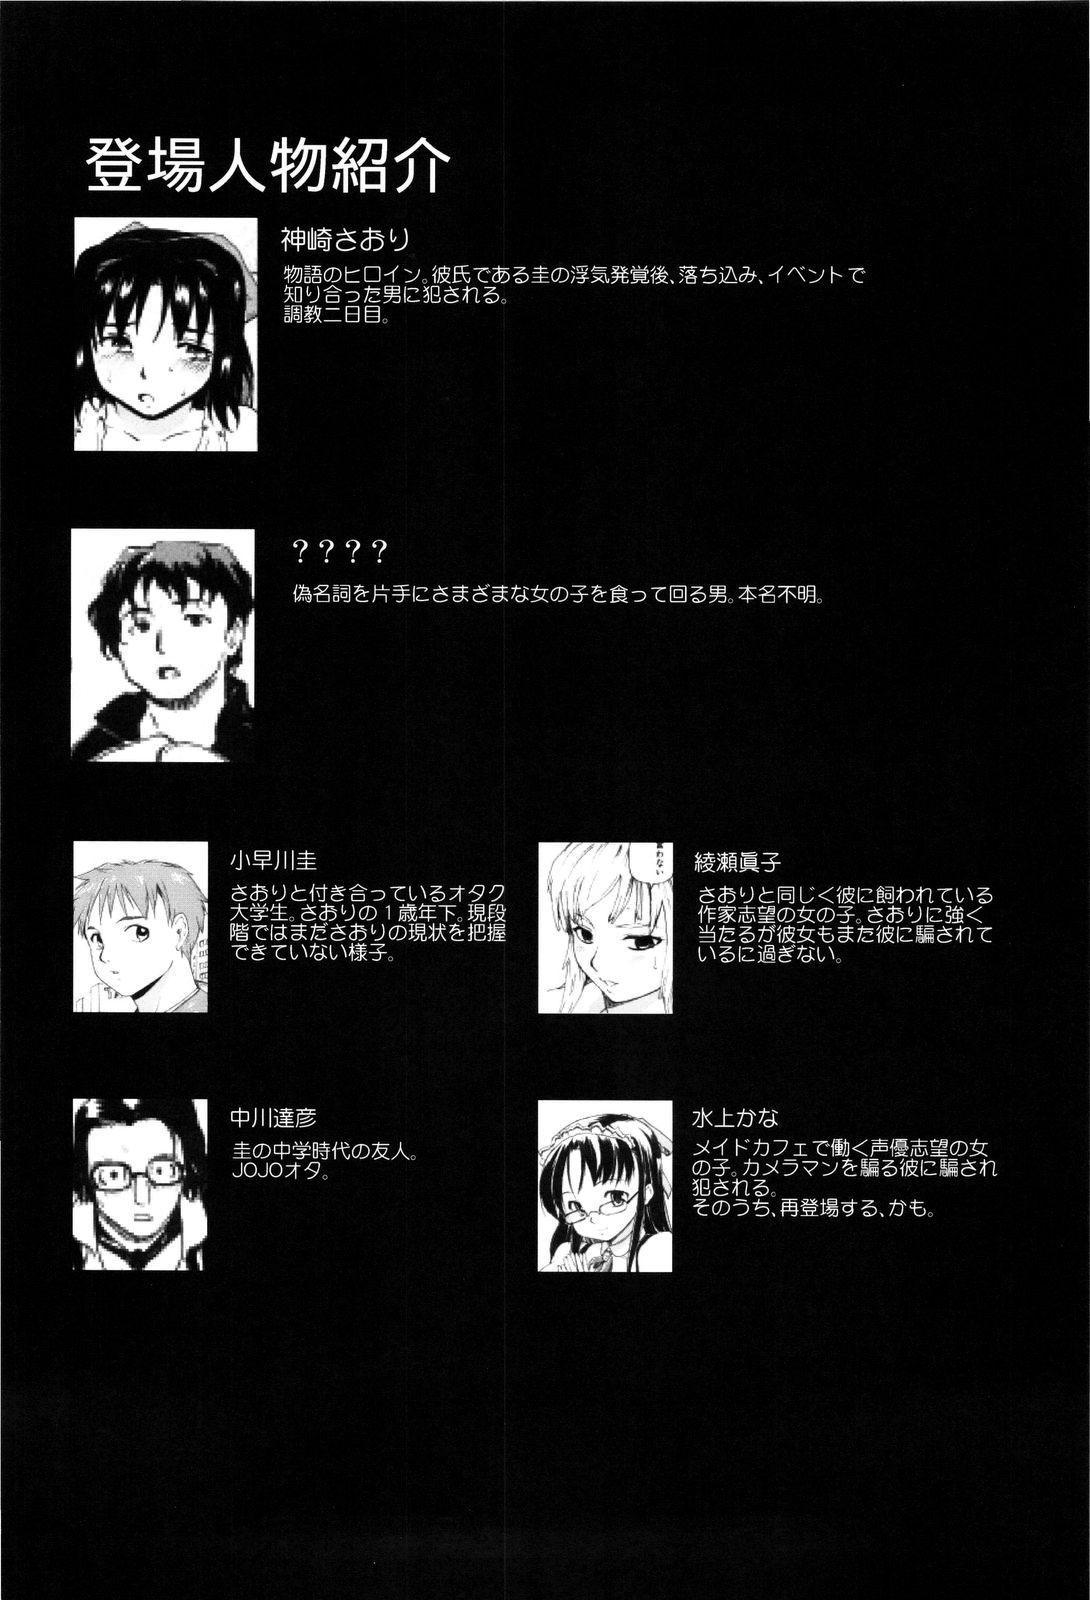 (C74) [Paranoia Cat (Fujiwara Shunichi)] Akogare no Hito -Himitsu no Isshuukan- #2 32